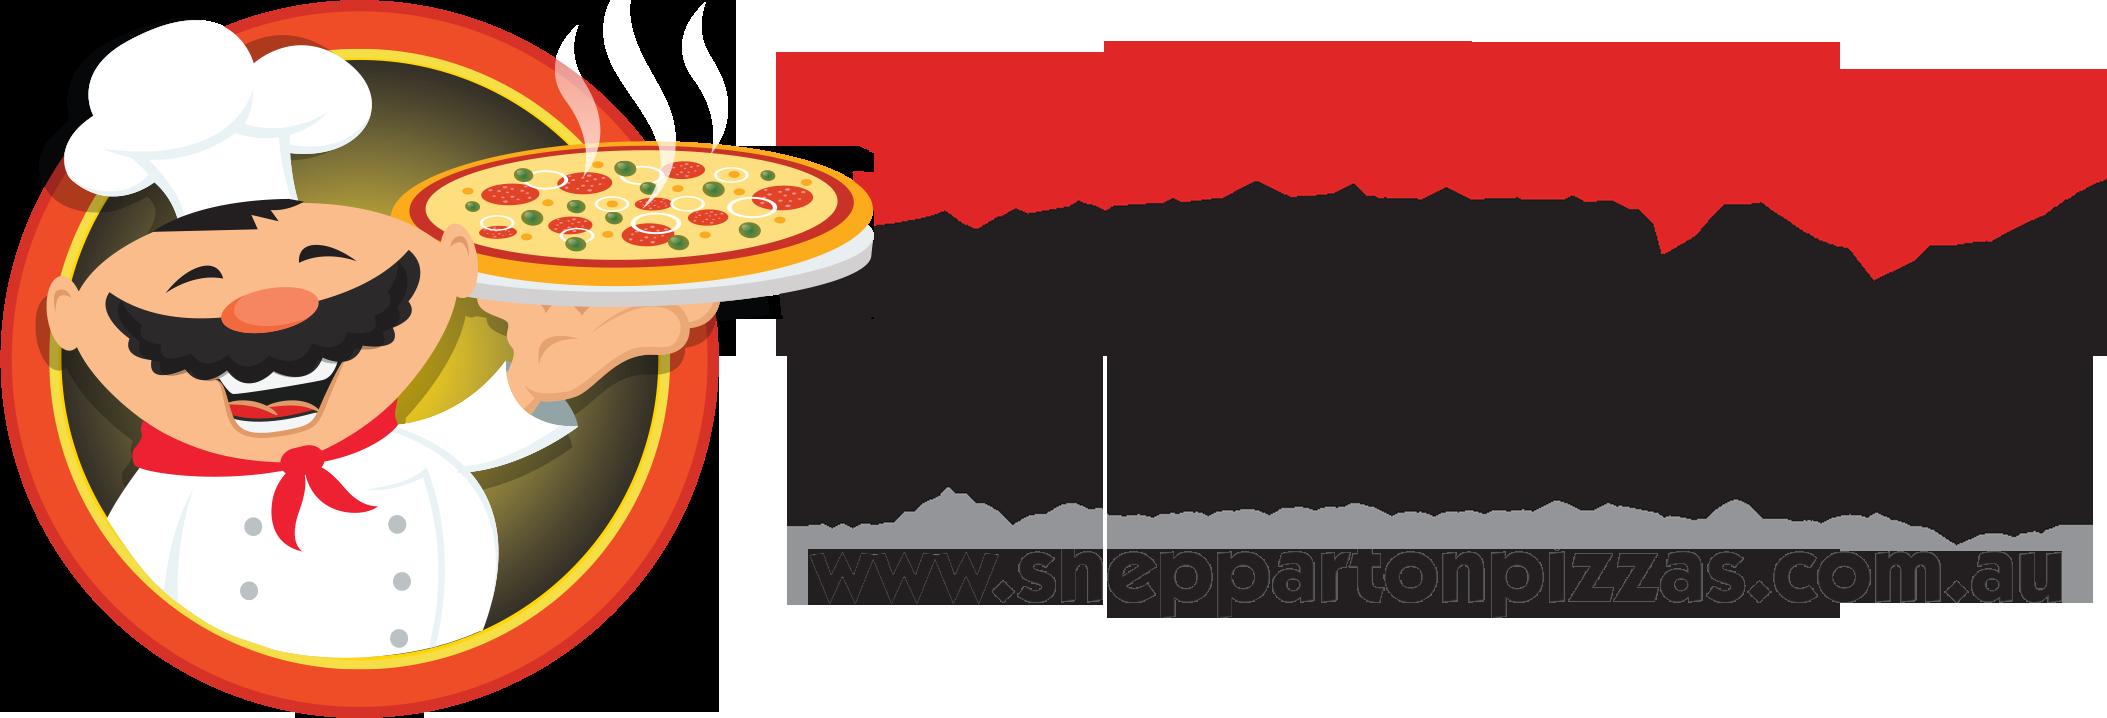 Shepparton Pizzas